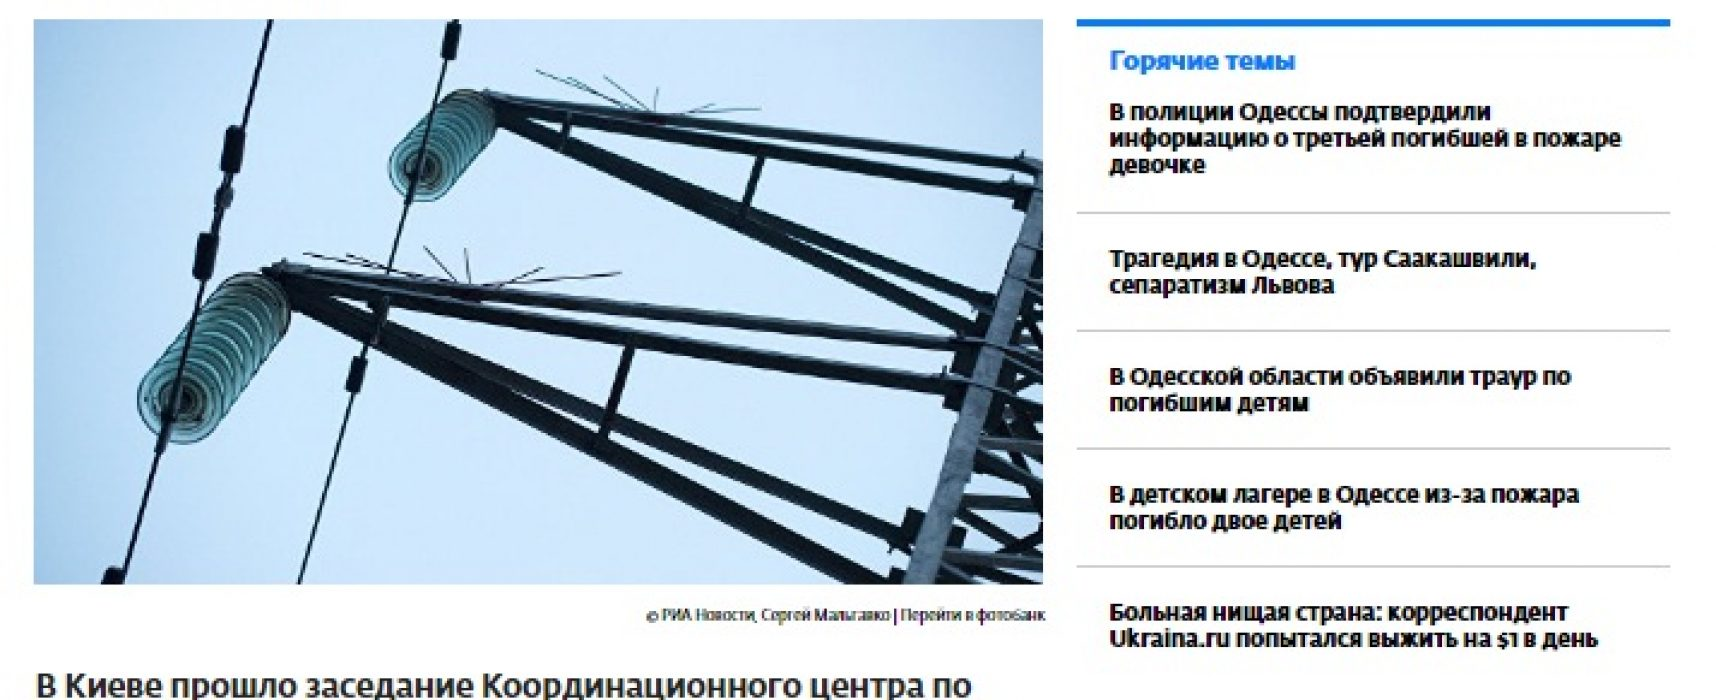 Falso: Los ucranianos pagan por la electricidad más que los ciudadanos de la UE